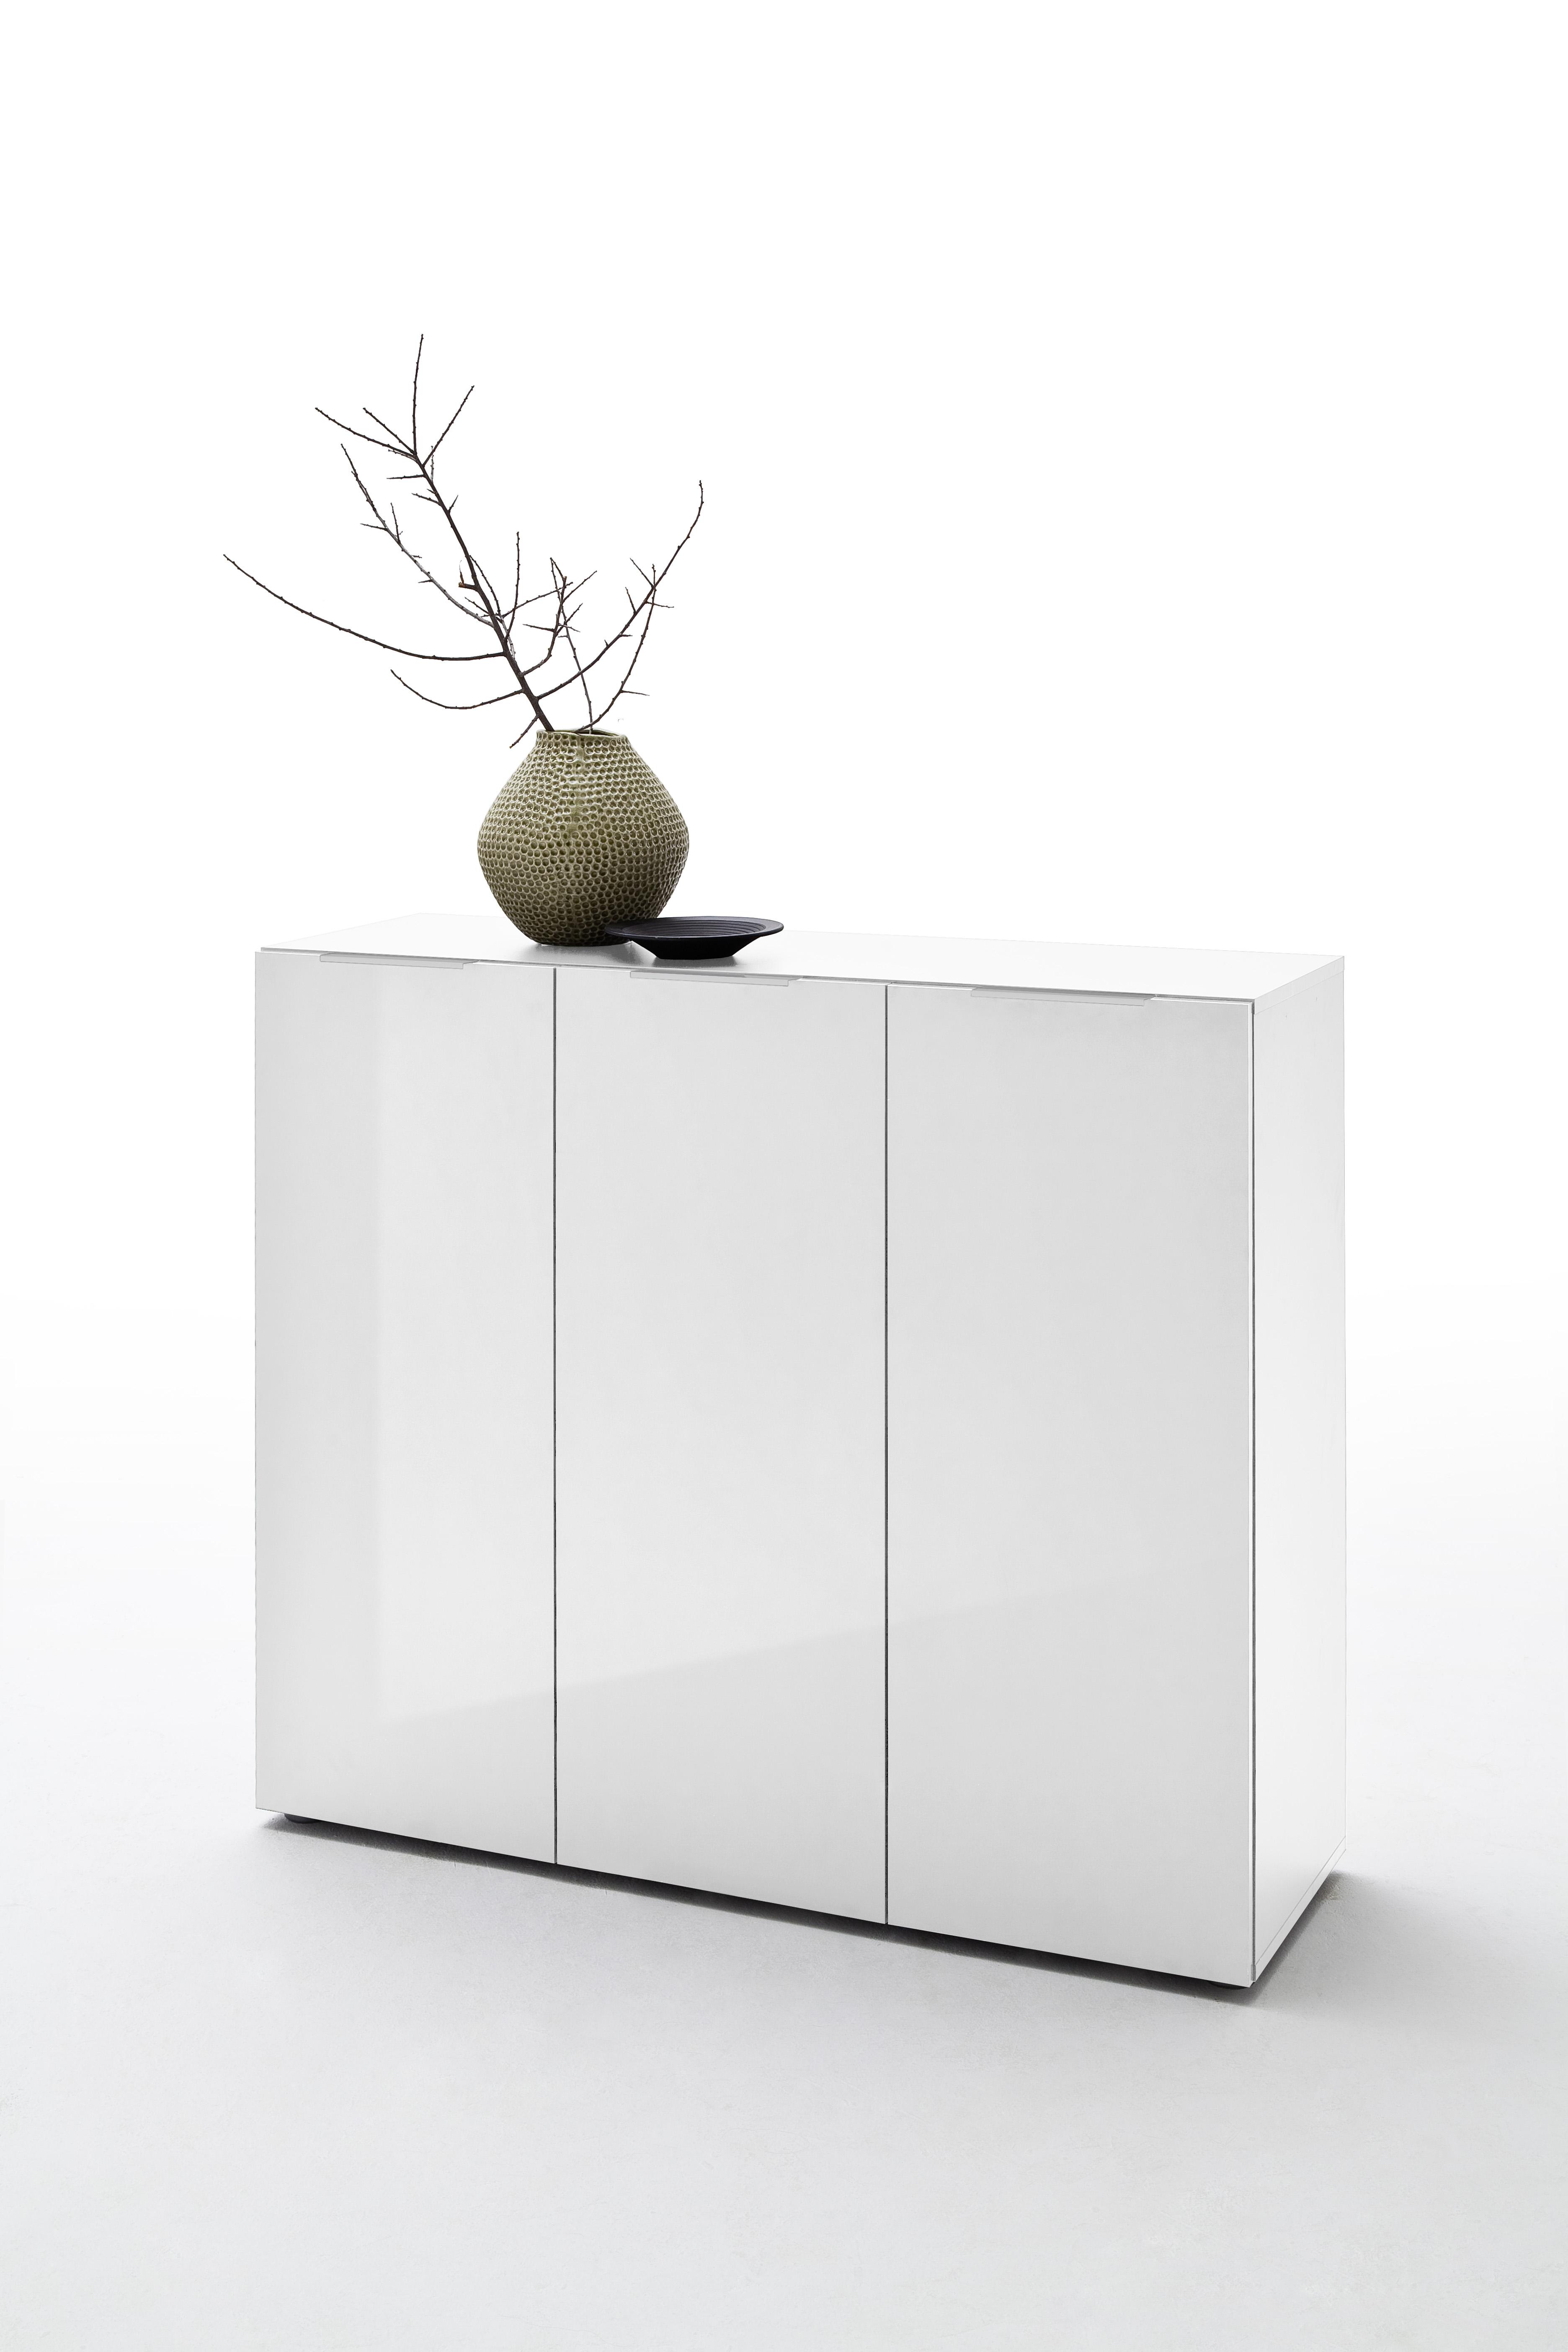 Vini Garderobenset 3-teilig Weiß Hochglanz